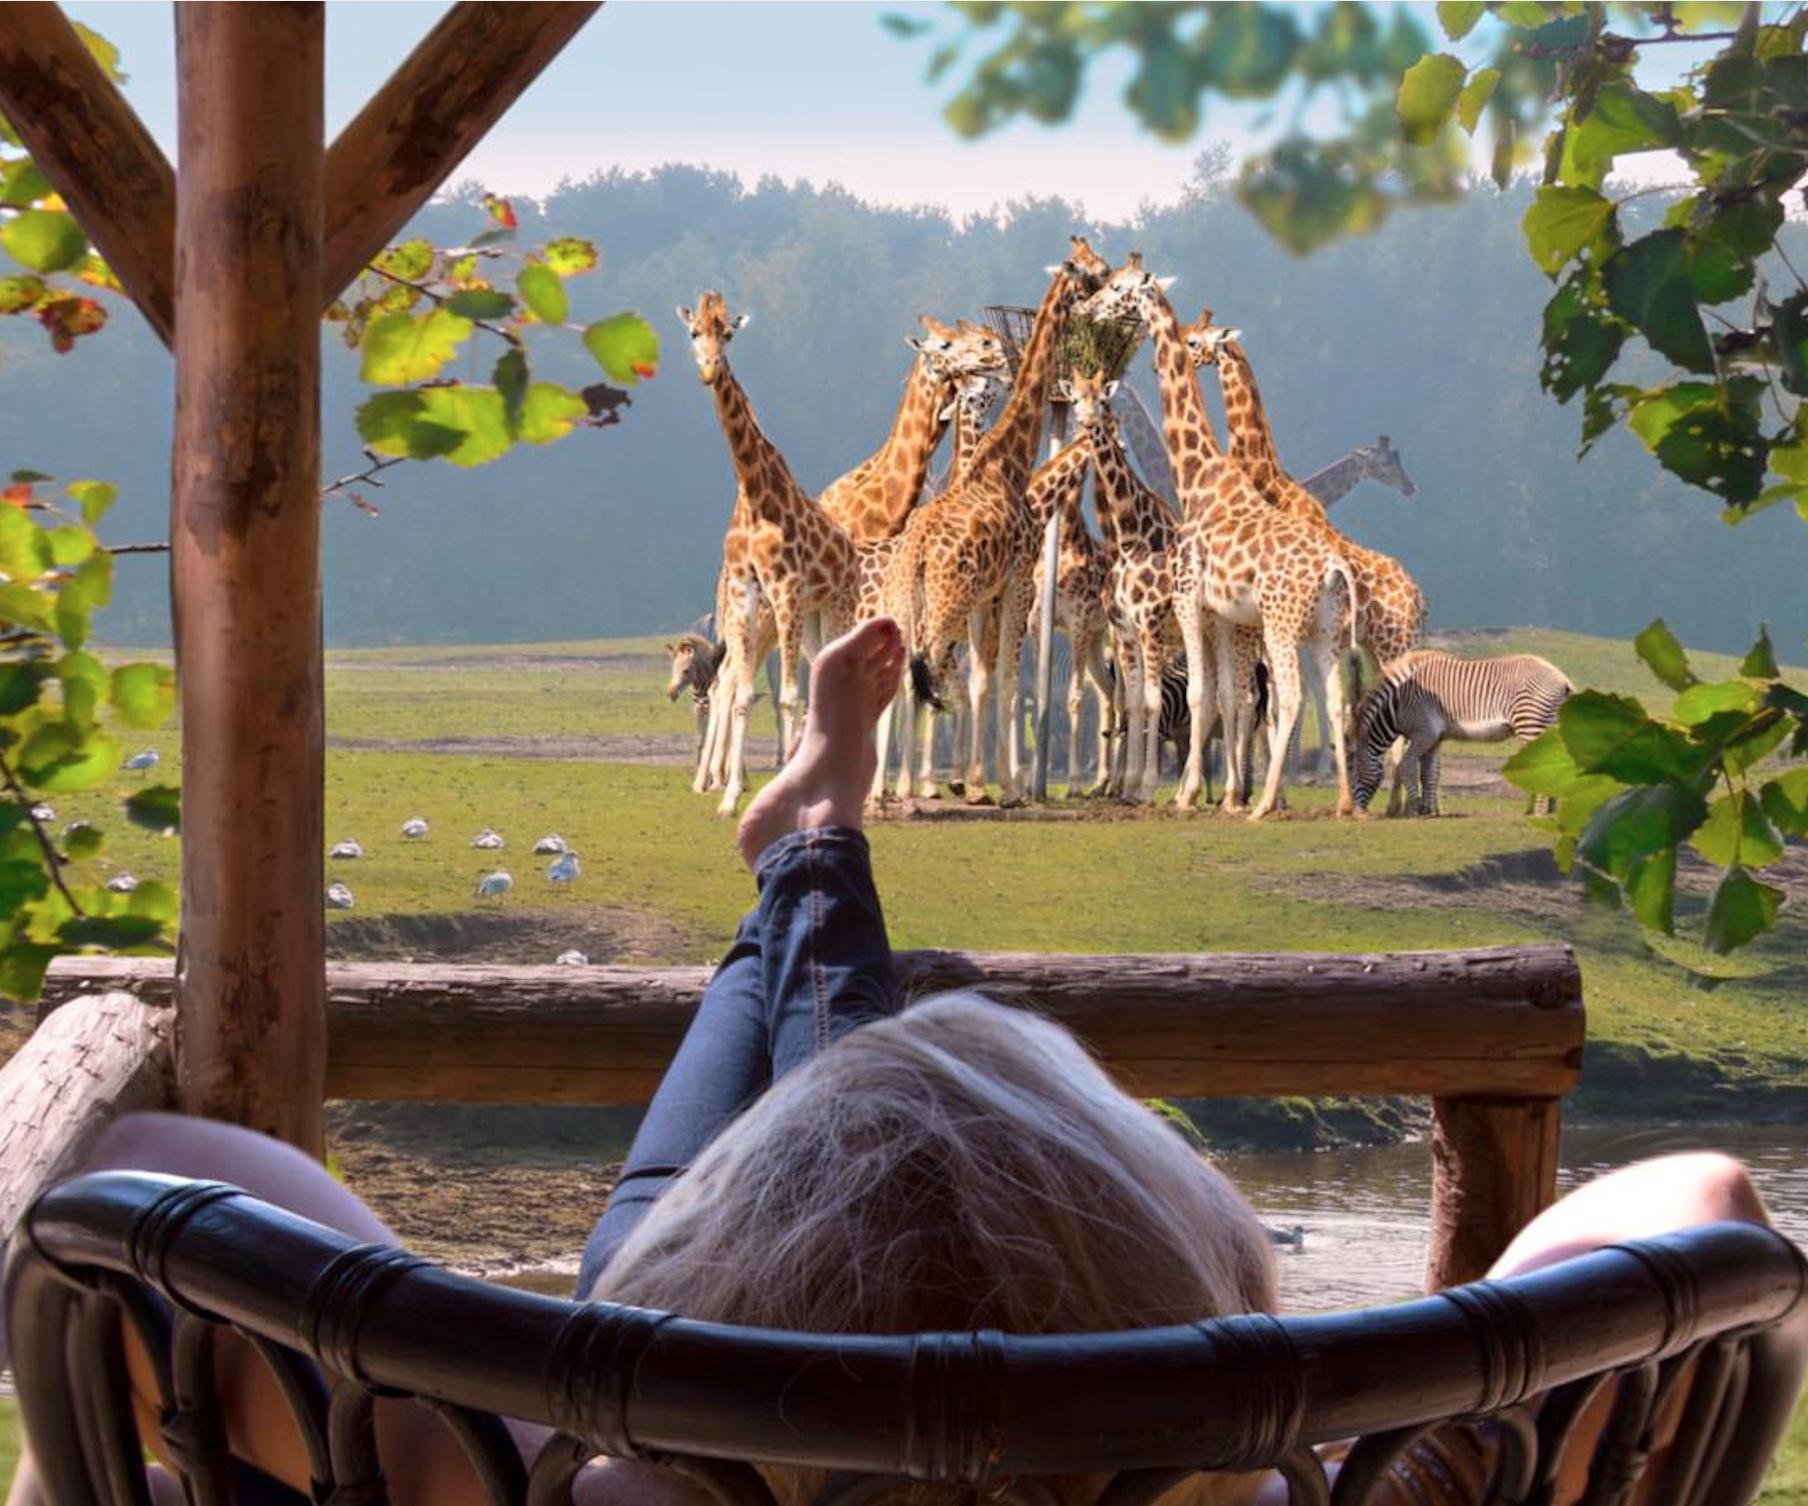 Holland: Sommer & Safari in Beekse Bergen: 2 Nächte im 4*Hotel inkl. Frühstück und Tages-Eintritt / Kinderpreise / Juni - Dezember